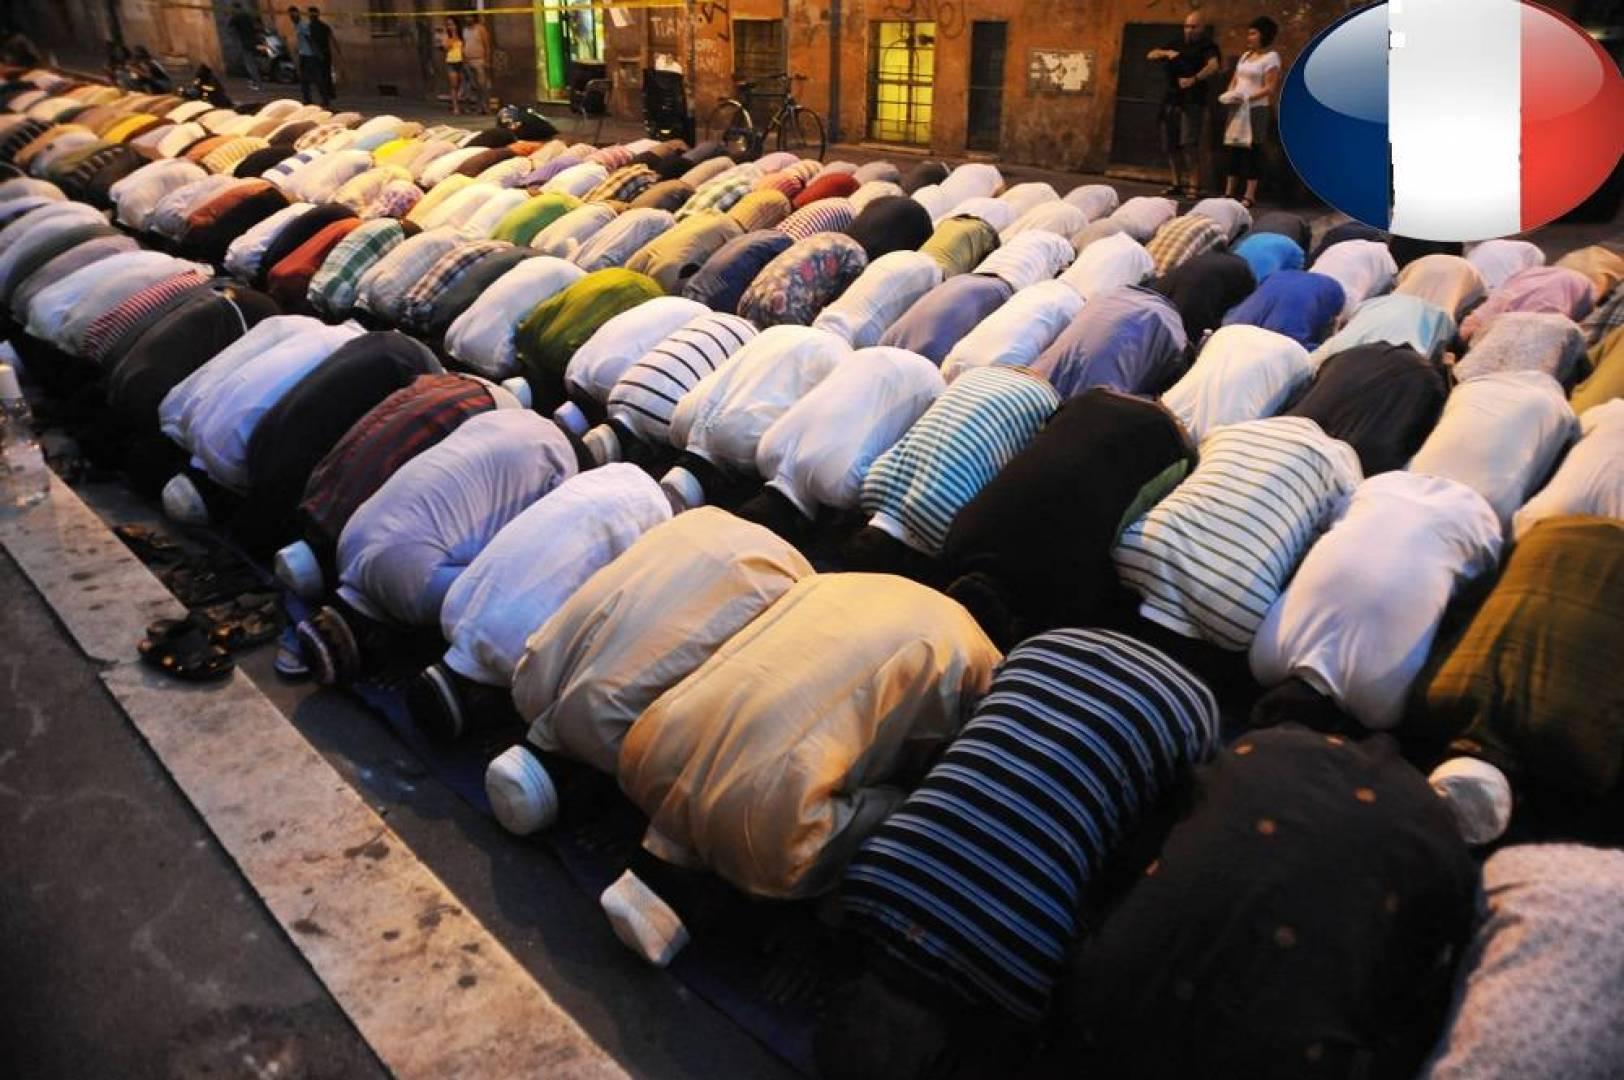 فرنسا تسمح باستئناف المراسم الدينية المحظورة بسبب «كورونا»